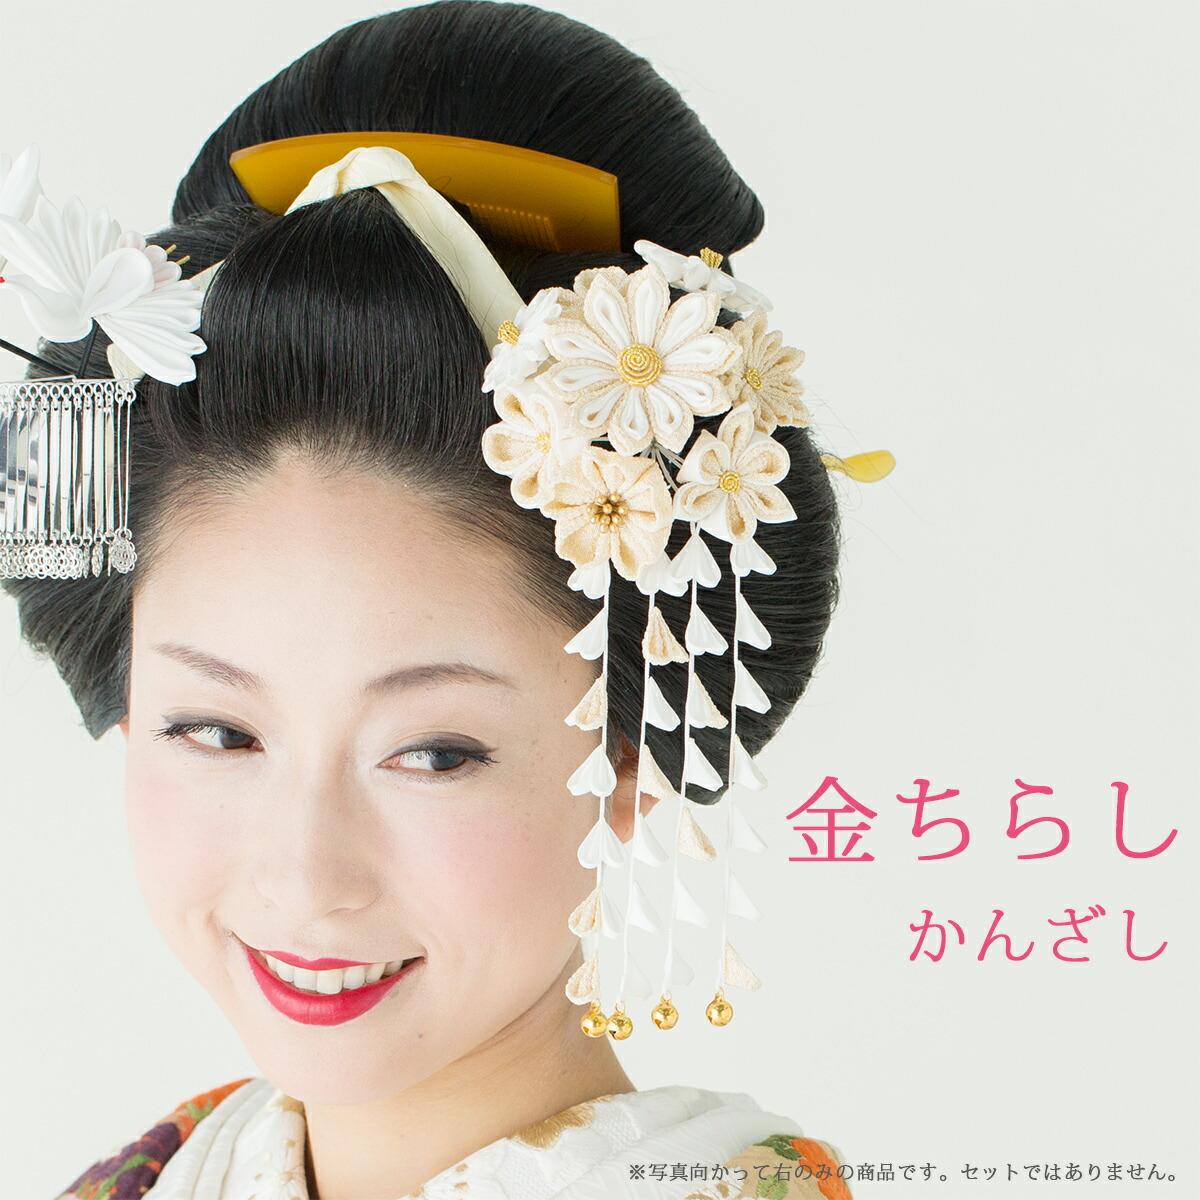 金ちらし 花嫁 髪飾り かんざし つまみ細工